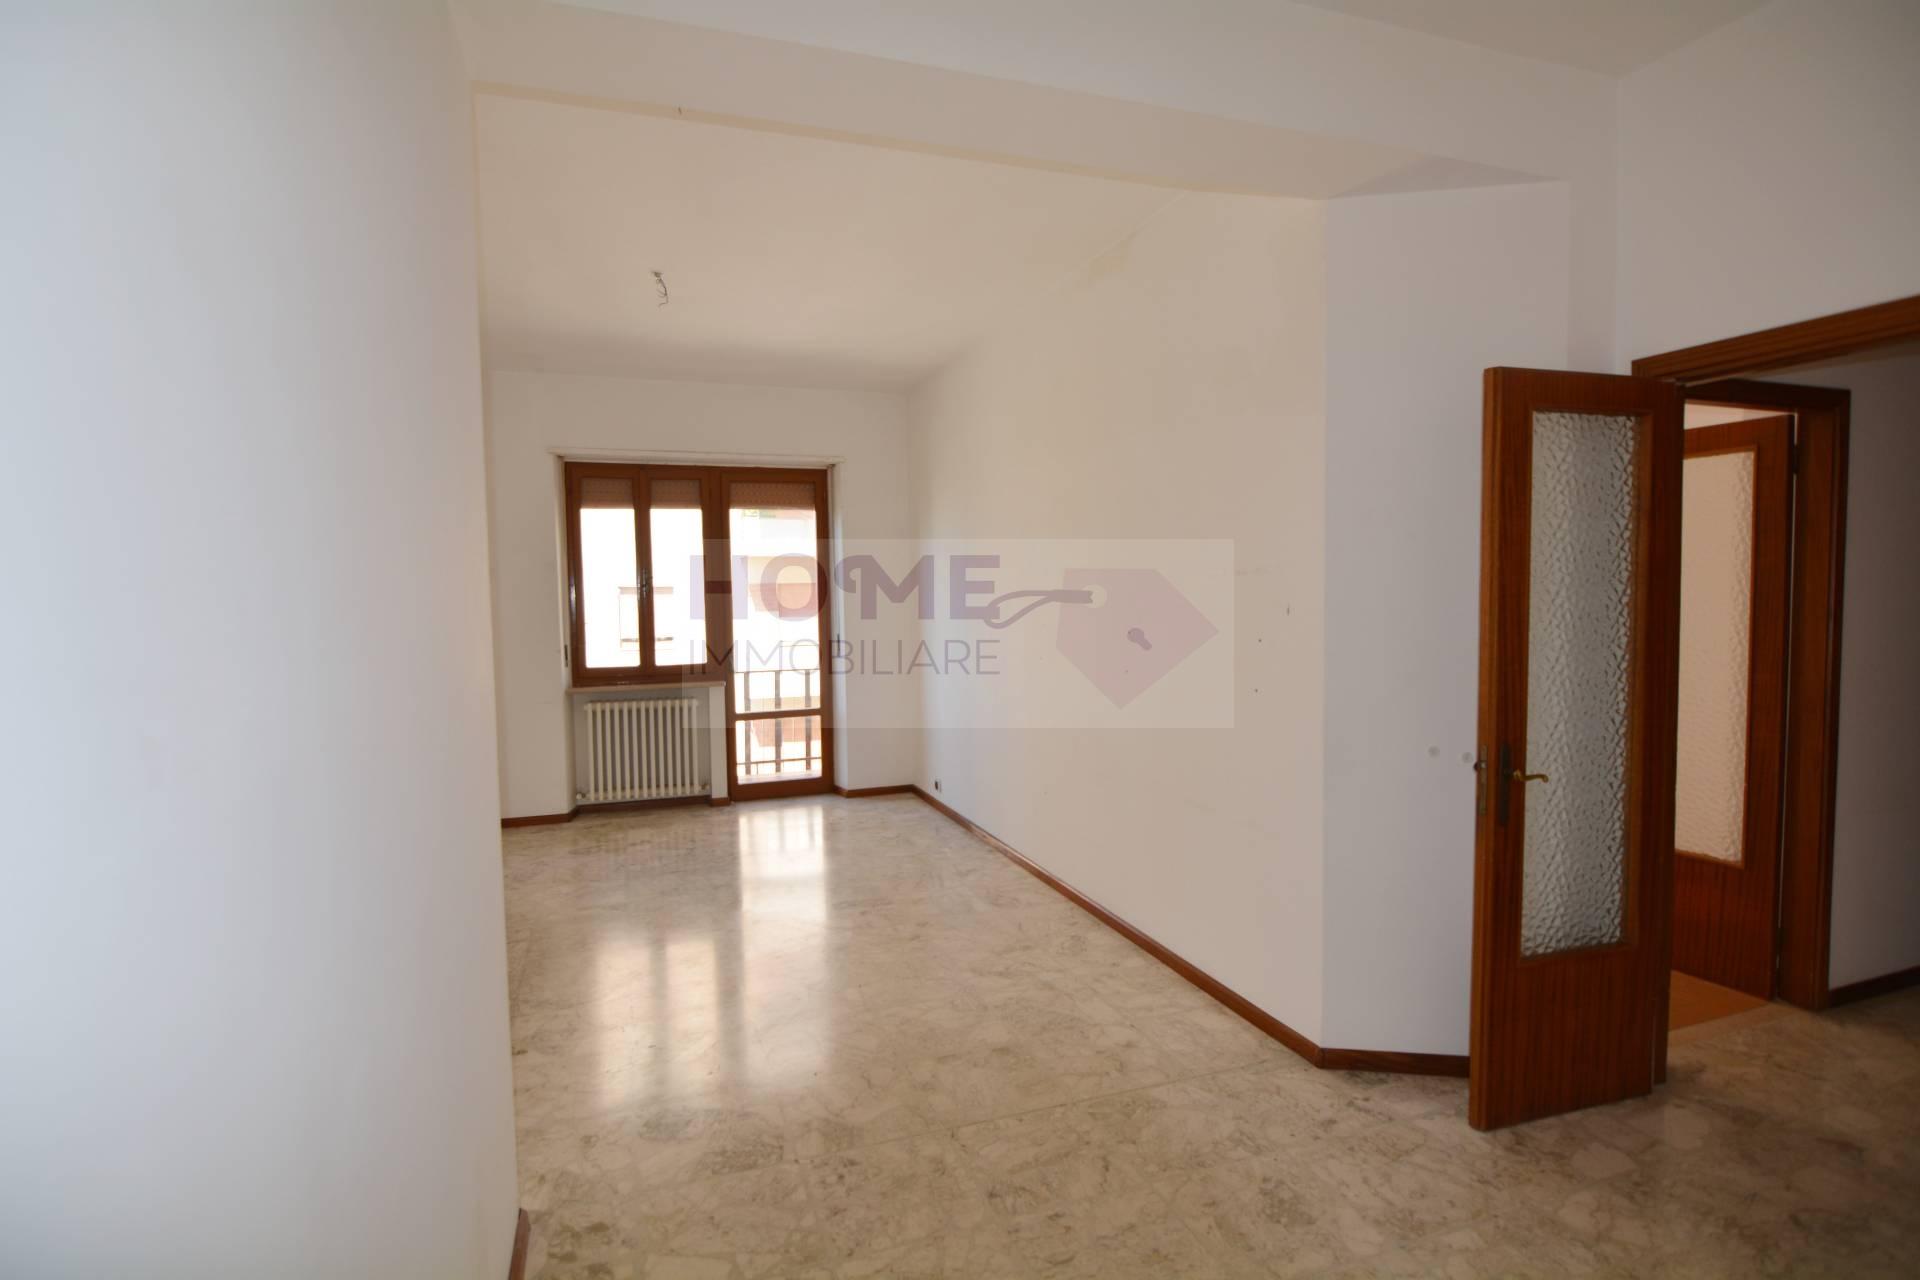 Ufficio / Studio in affitto a Macerata, 9999 locali, zona Località: zonaSanFrancesco, prezzo € 500   Cambio Casa.it